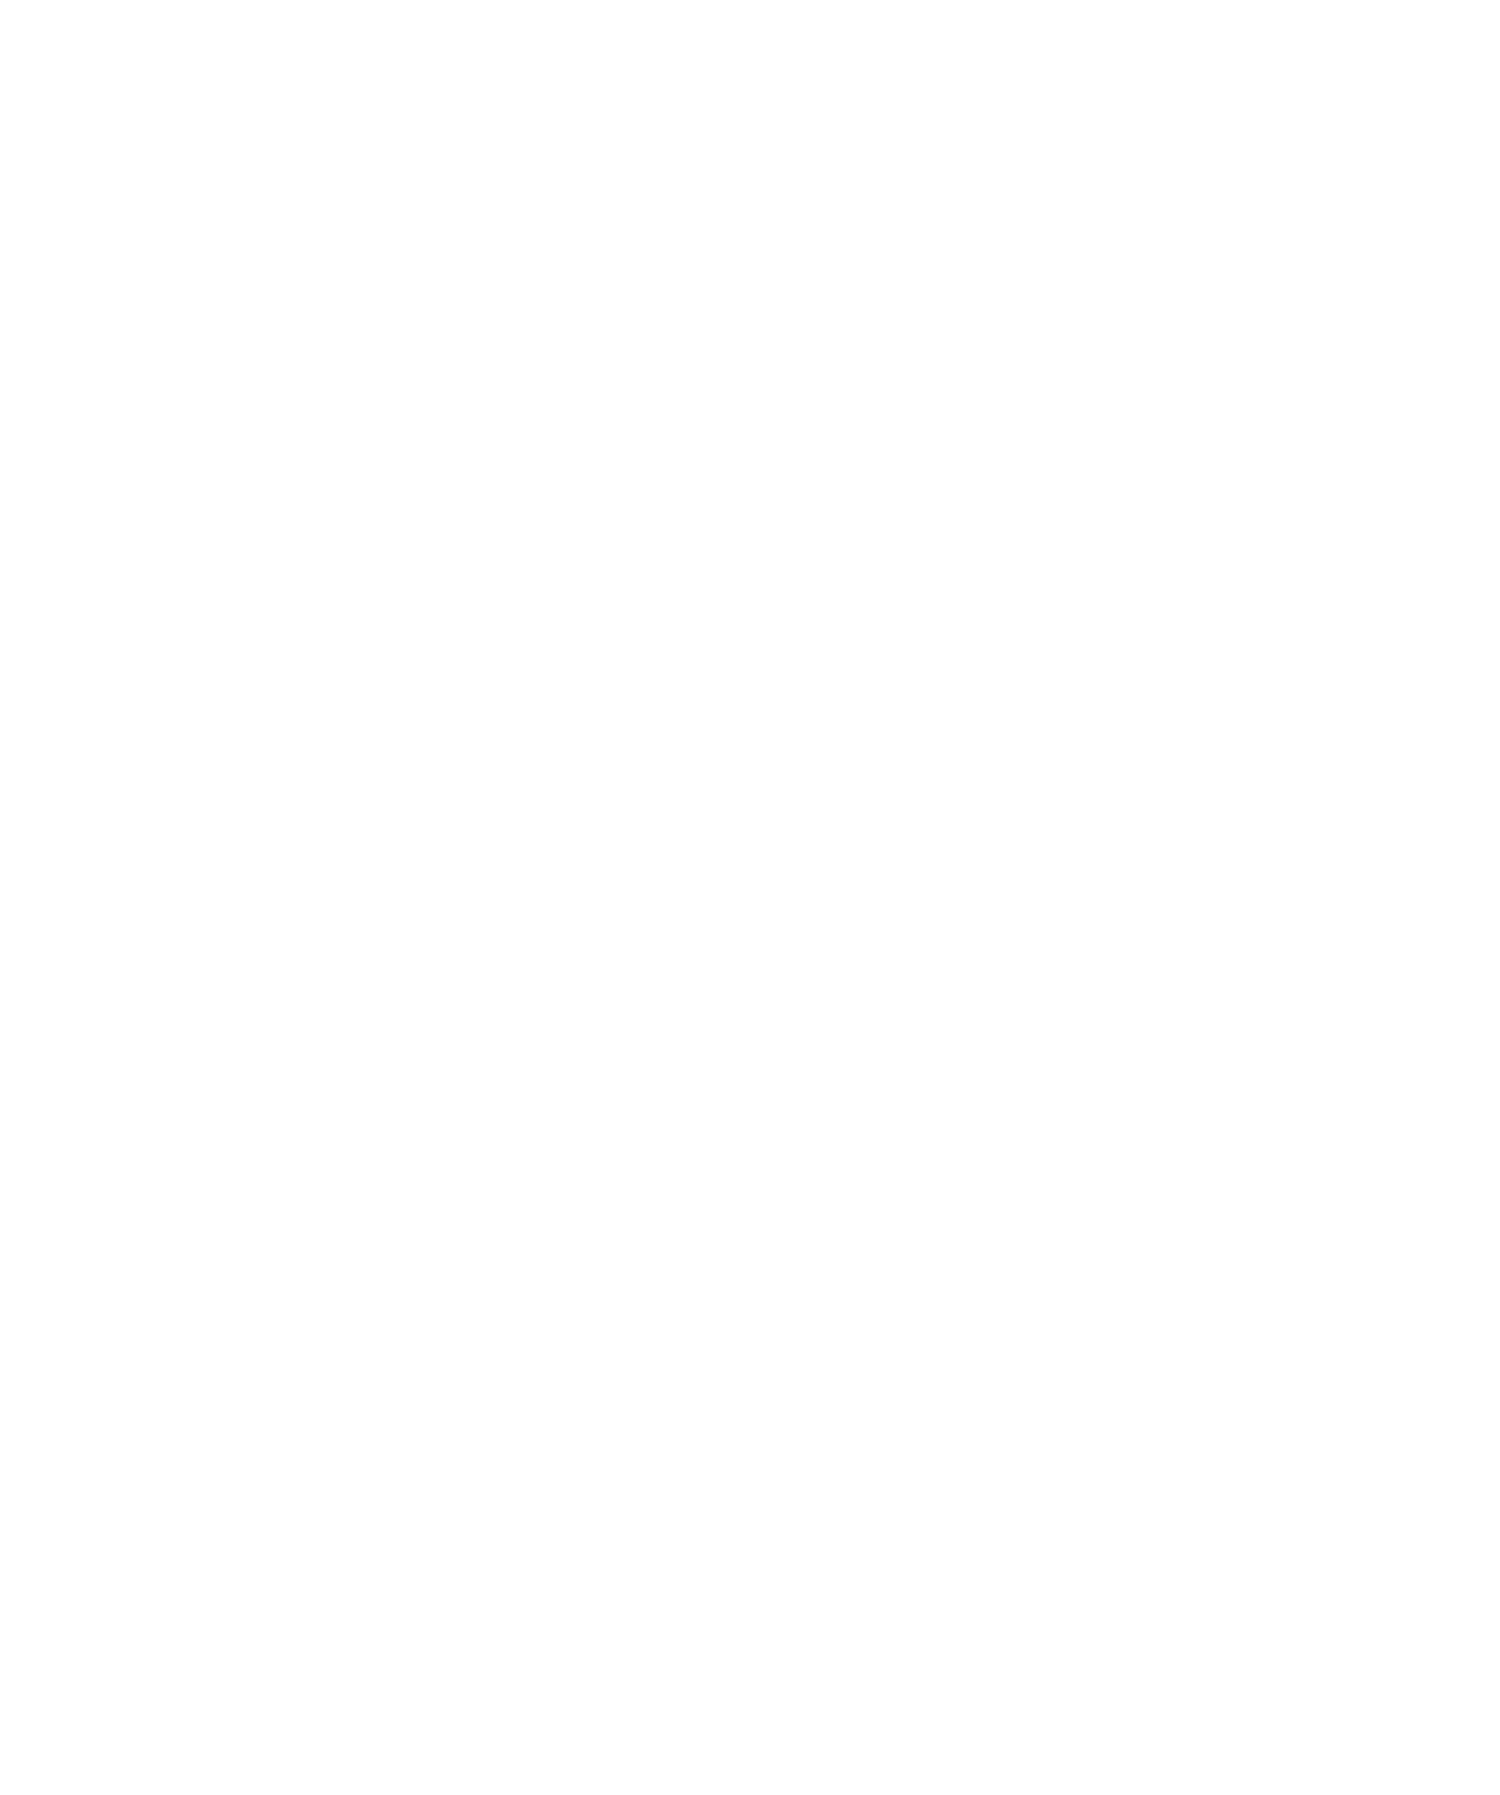 蝶芙兰眼部精华液淡化黑眼圈细纹去眼袋抗皱紧致眼霜原液60ml正品商品详情图